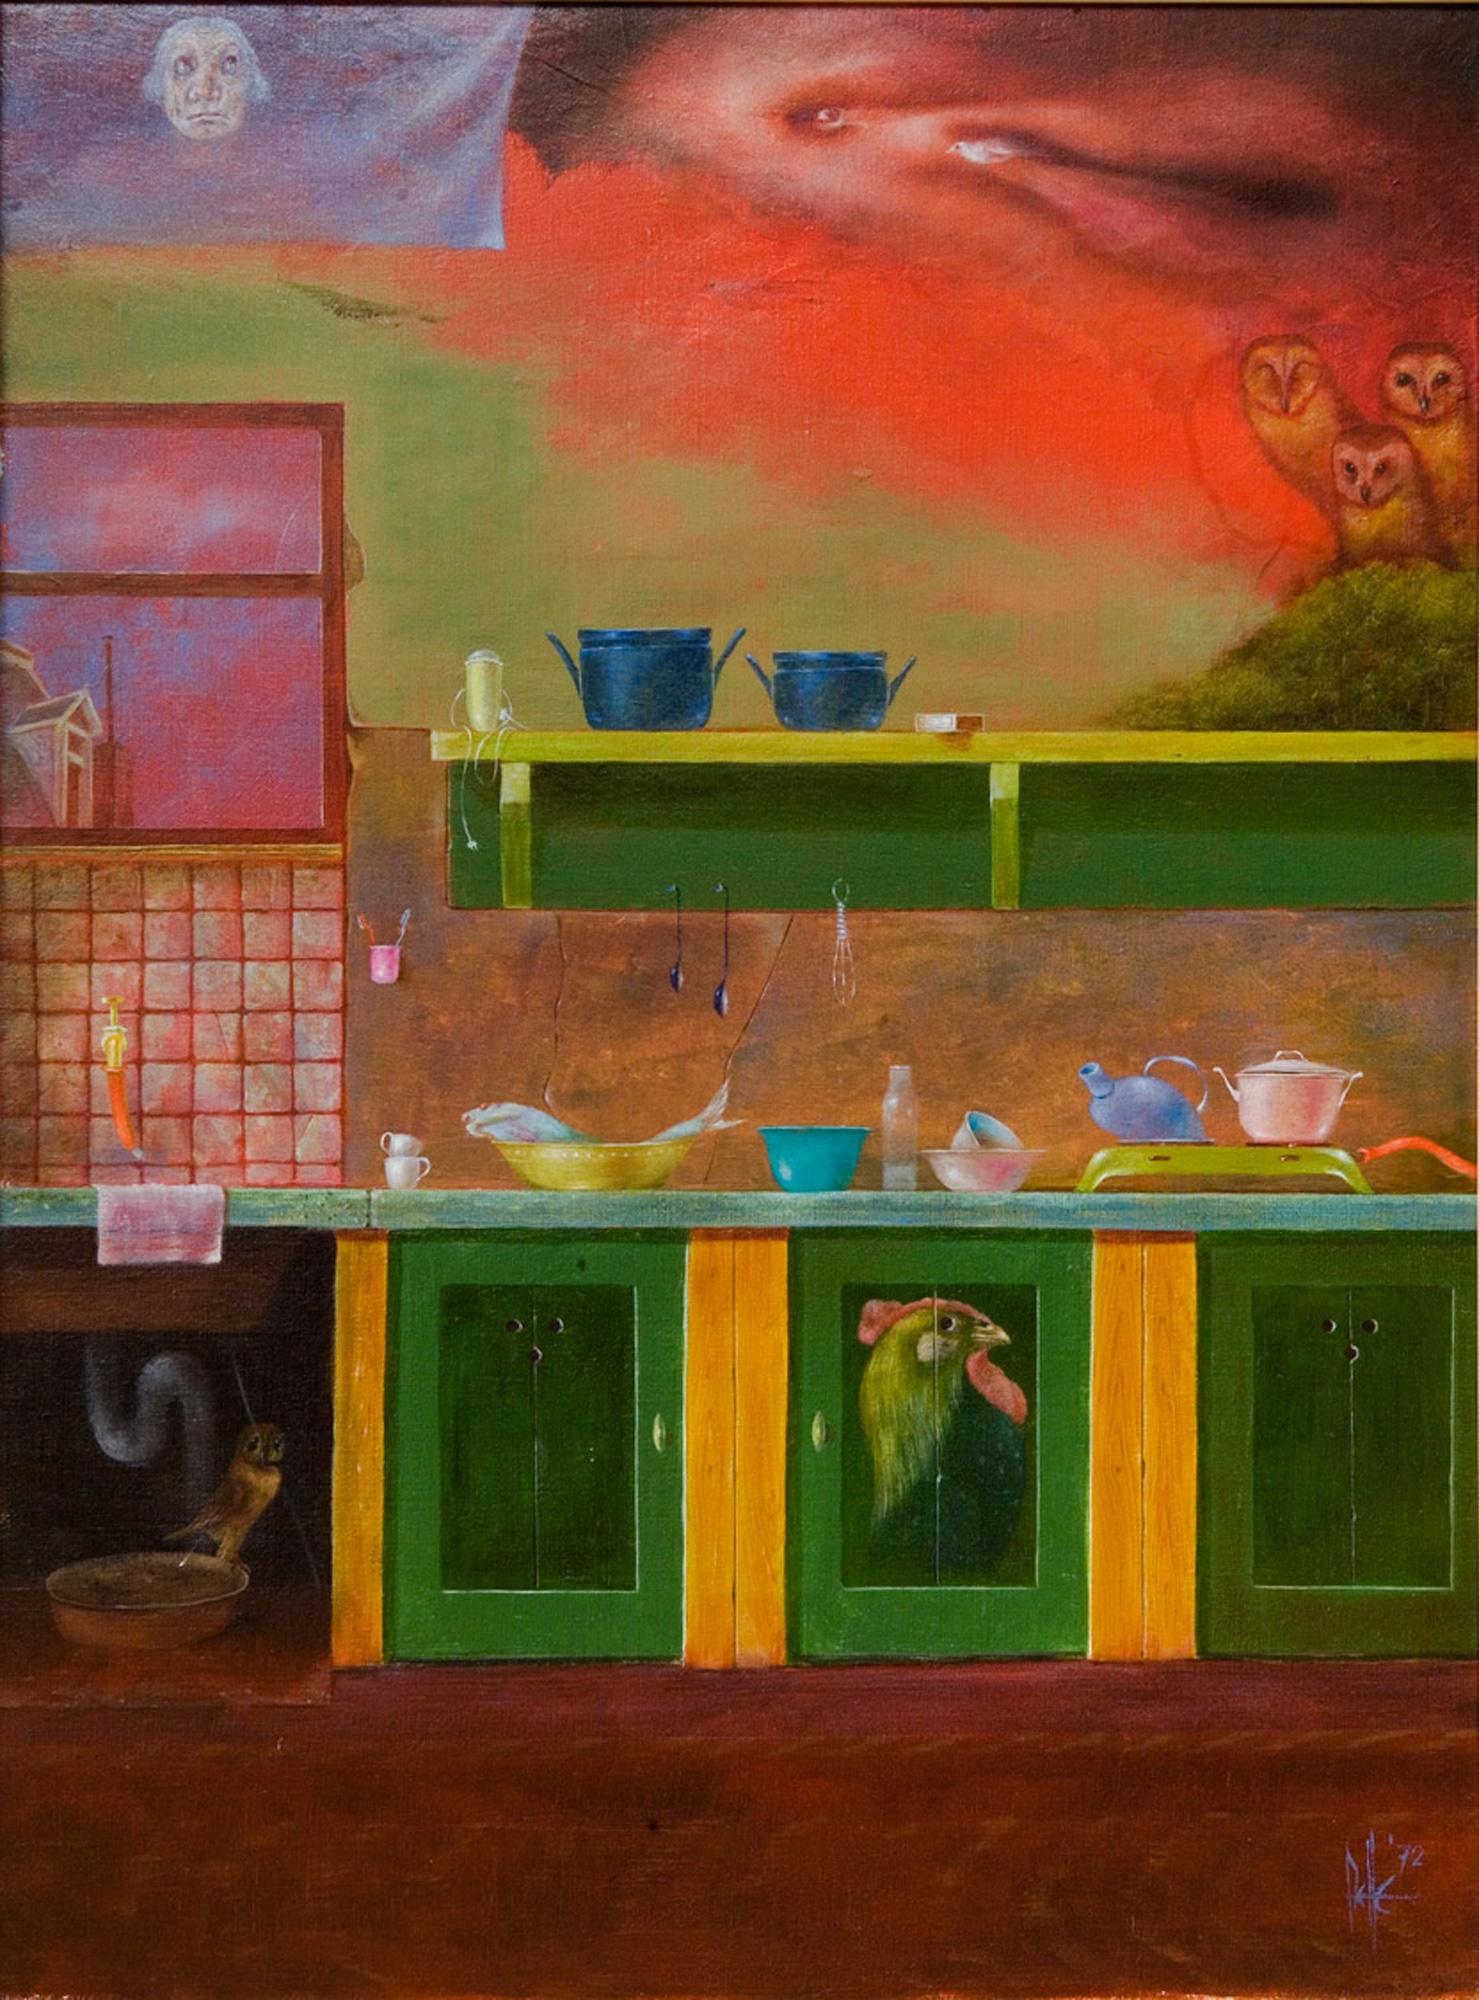 Melle schilder | Keukentje 1, olieverf op linnen